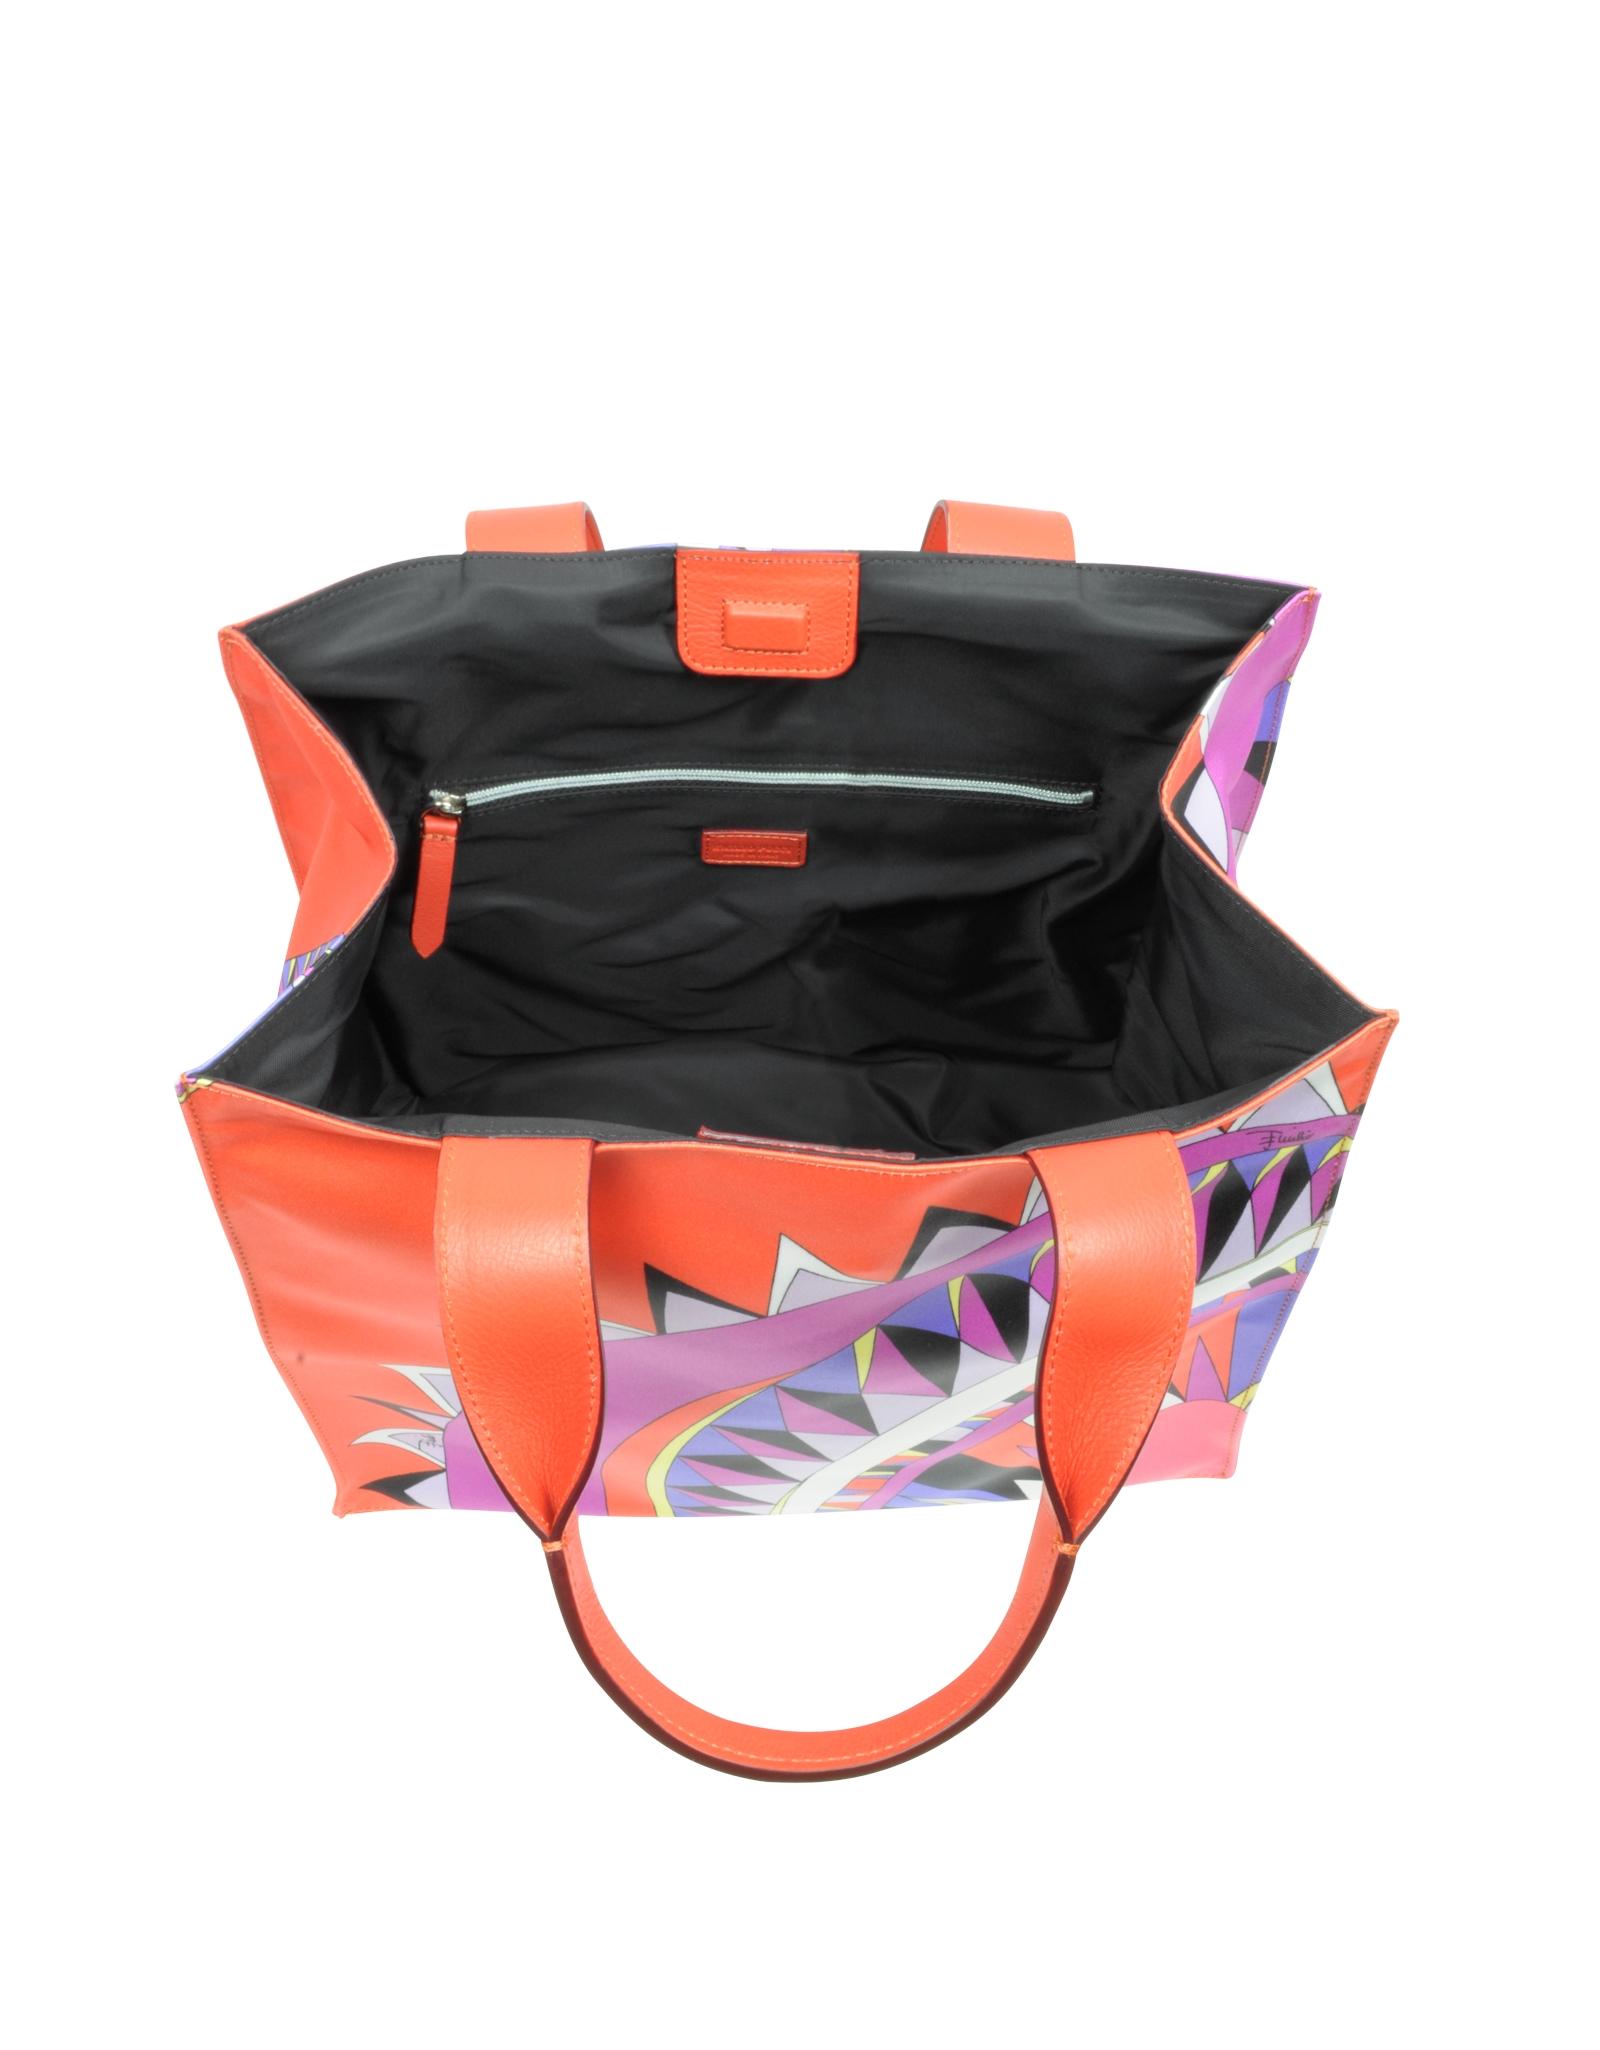 Small Nylon Tote Bags 100